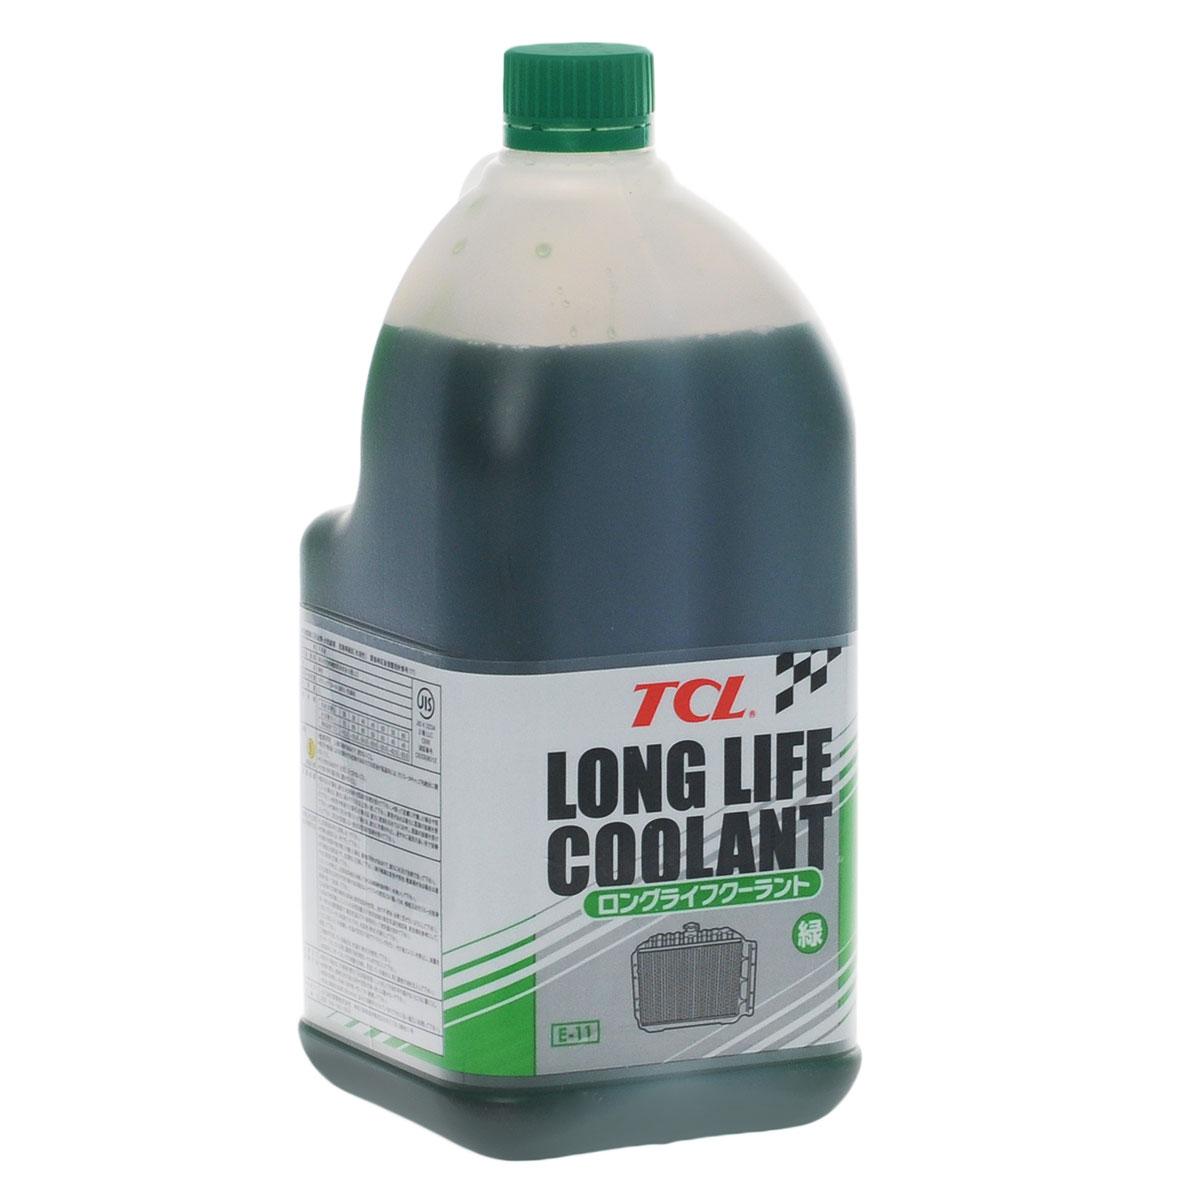 Антифриз TCL LLC, концентрированный, цвет: зеленый, 2 лLLC00987Высококачественная охлаждающая жидкость TCL LLC, препятствующая перегреву двигателей даже в сильную жару и замораживанию системы охлаждения в сильный мороз. Защищает от коррозии металлические части системы охлаждения и удаляет с них ранее образовавшиеся окислы. Является отличной смазкой для помп. Сохраняет свои качества в системах охлаждения в течение 2 лет. Антифриз зеленого цвета предназначен для всех автомобилей, кроме TOYOTA и DAIHATSU. Концентрированный антифриз обязательно нужно использовать в разбавленном виде 25~60 %. Состав: этиленгликоль, метанол, комплекс присадок.